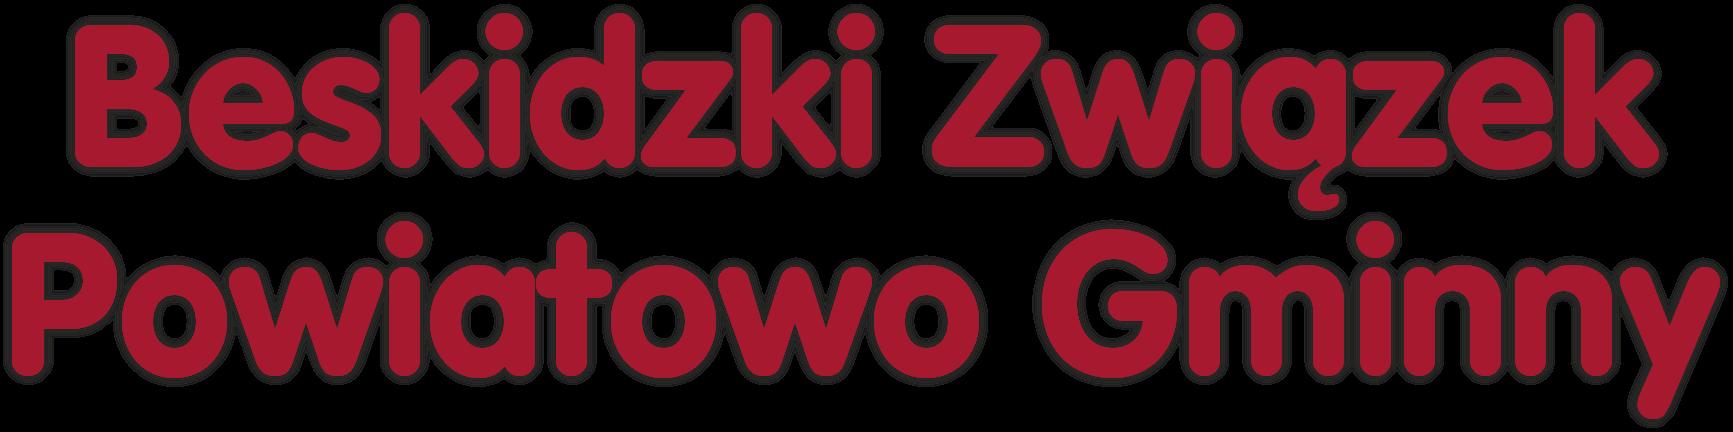 Beskidzki Związek Powiatowo Gminny